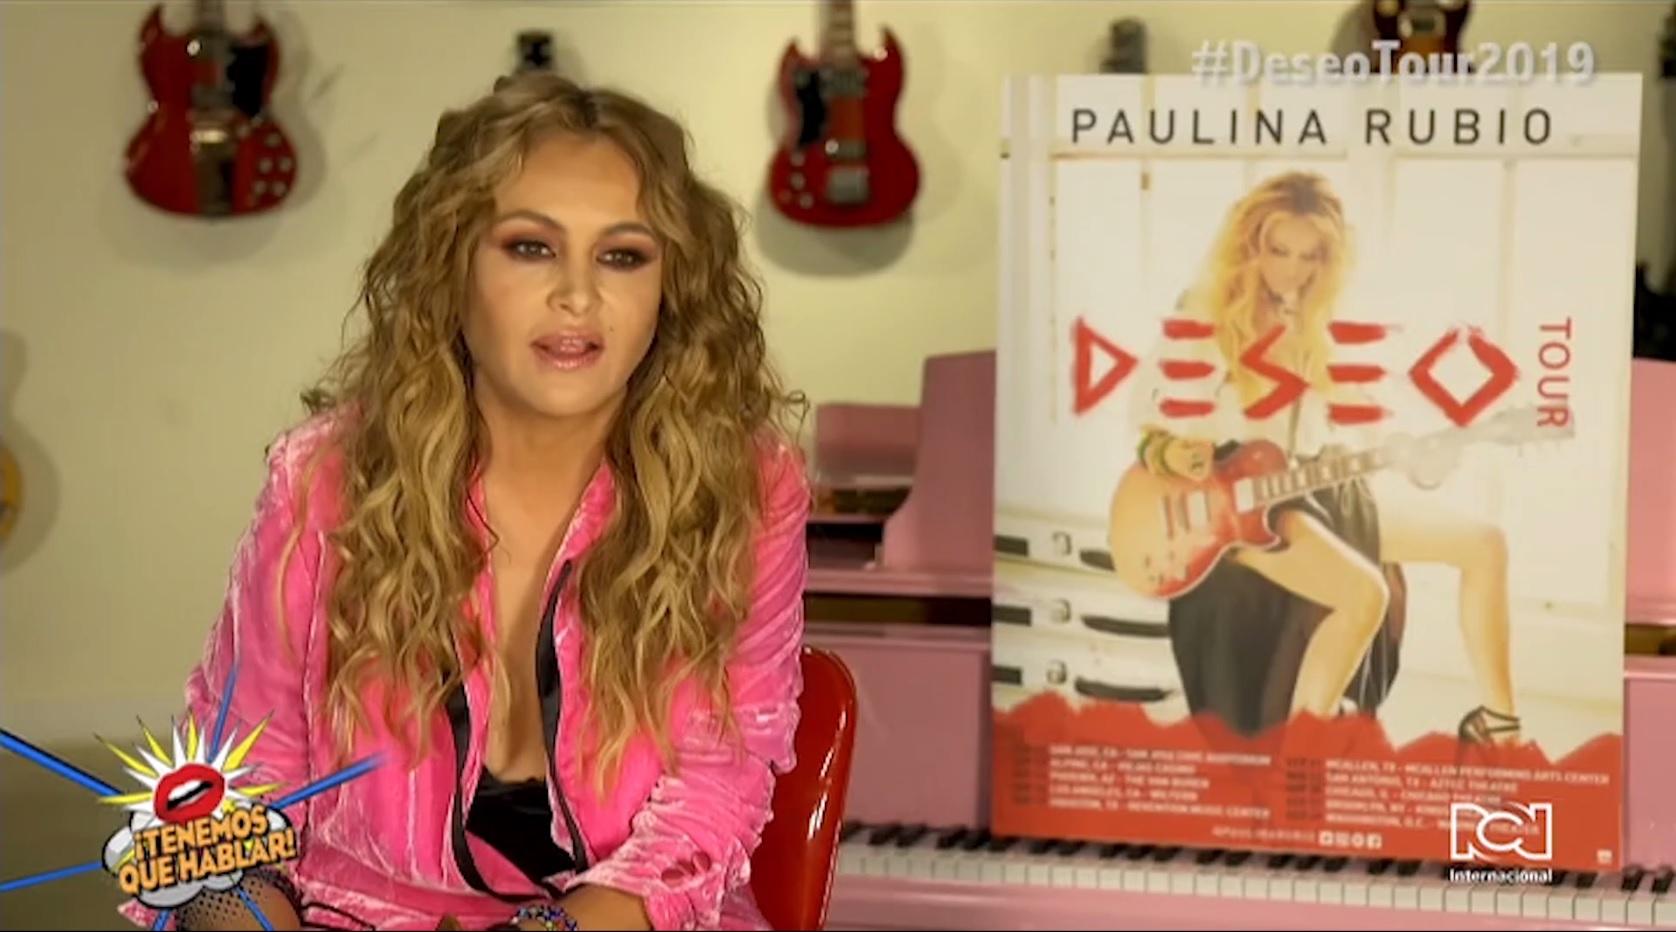 Paulina Rubio llega a Estados Unidos con su gira 'Deseo'